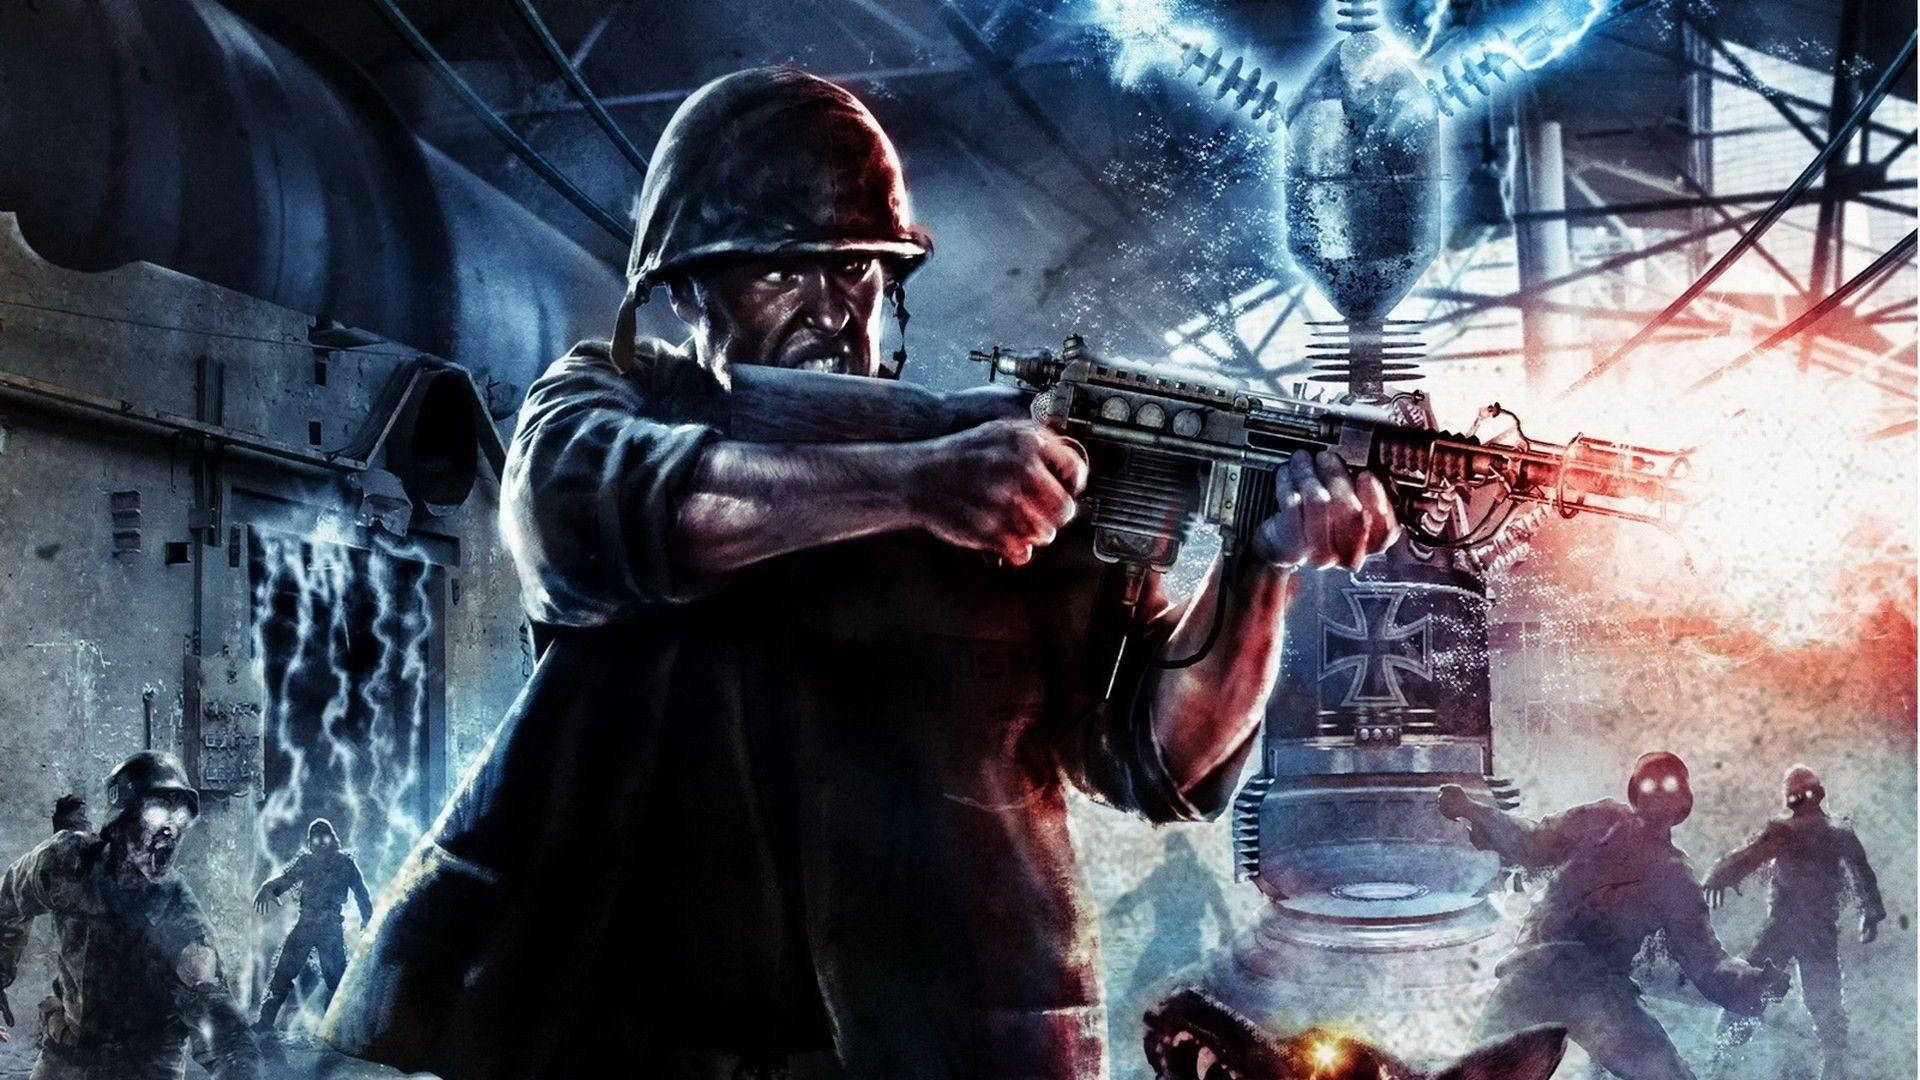 СМИ: создатели Call of Duty начинают работать над другими играми